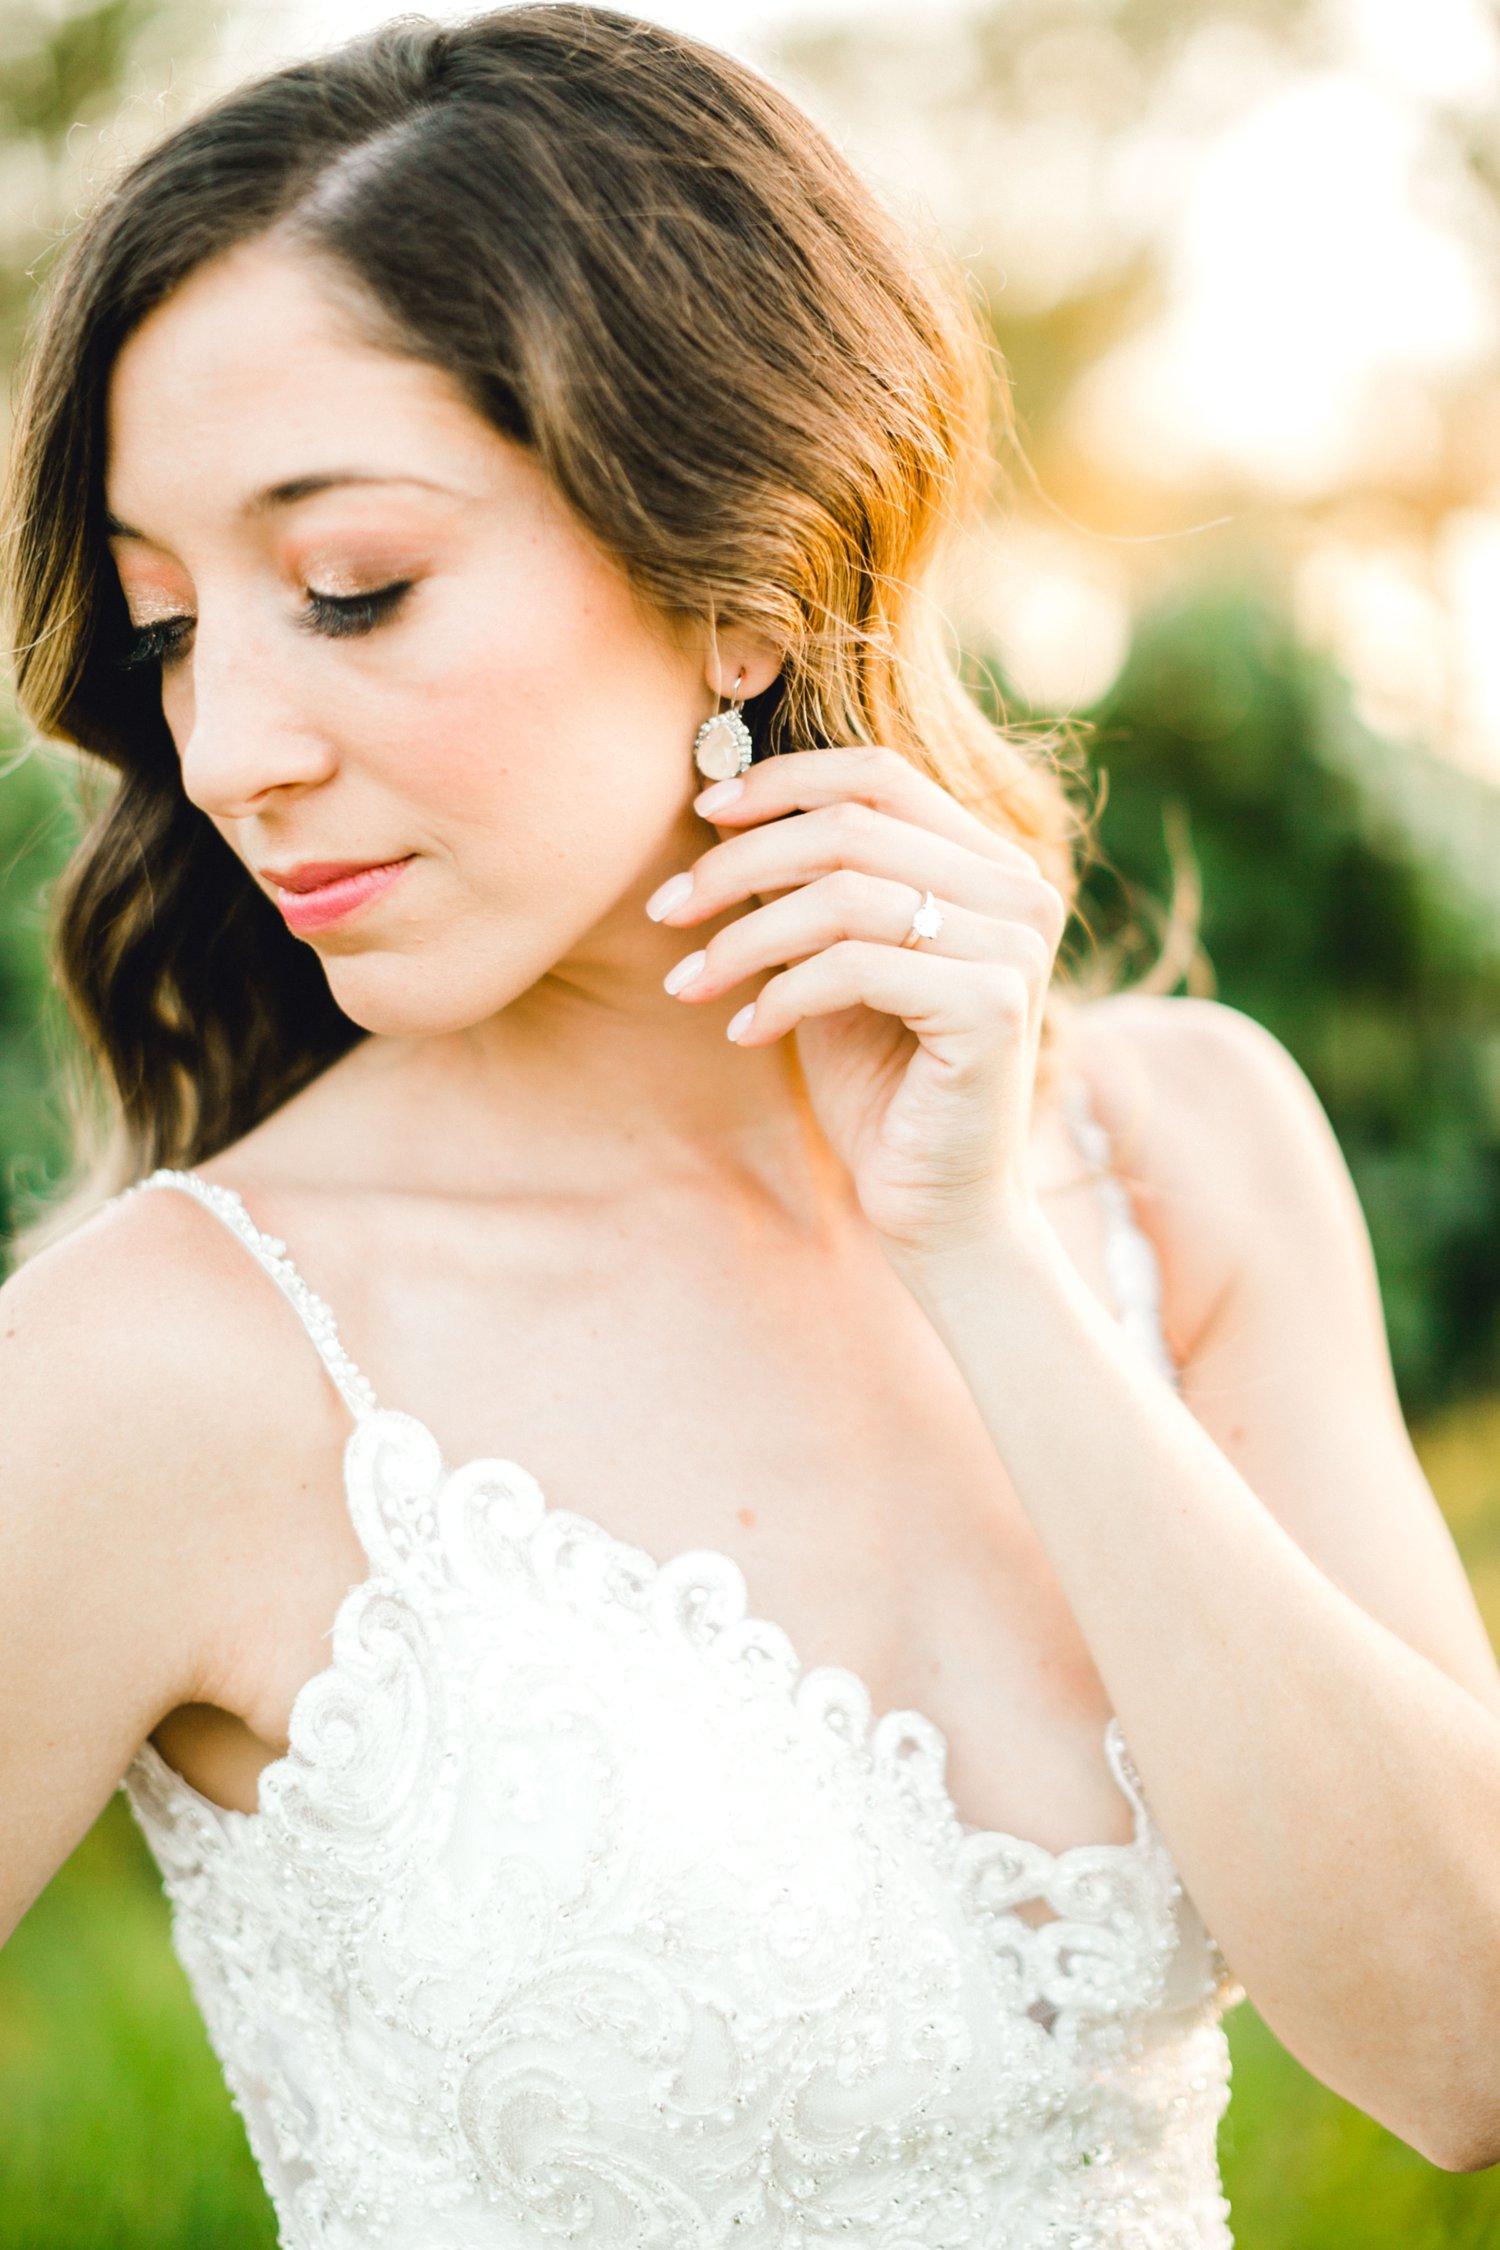 Ashley_Parr_Bridals_ALLEEJ_caprock_winery_romantic_elegant0026.jpg